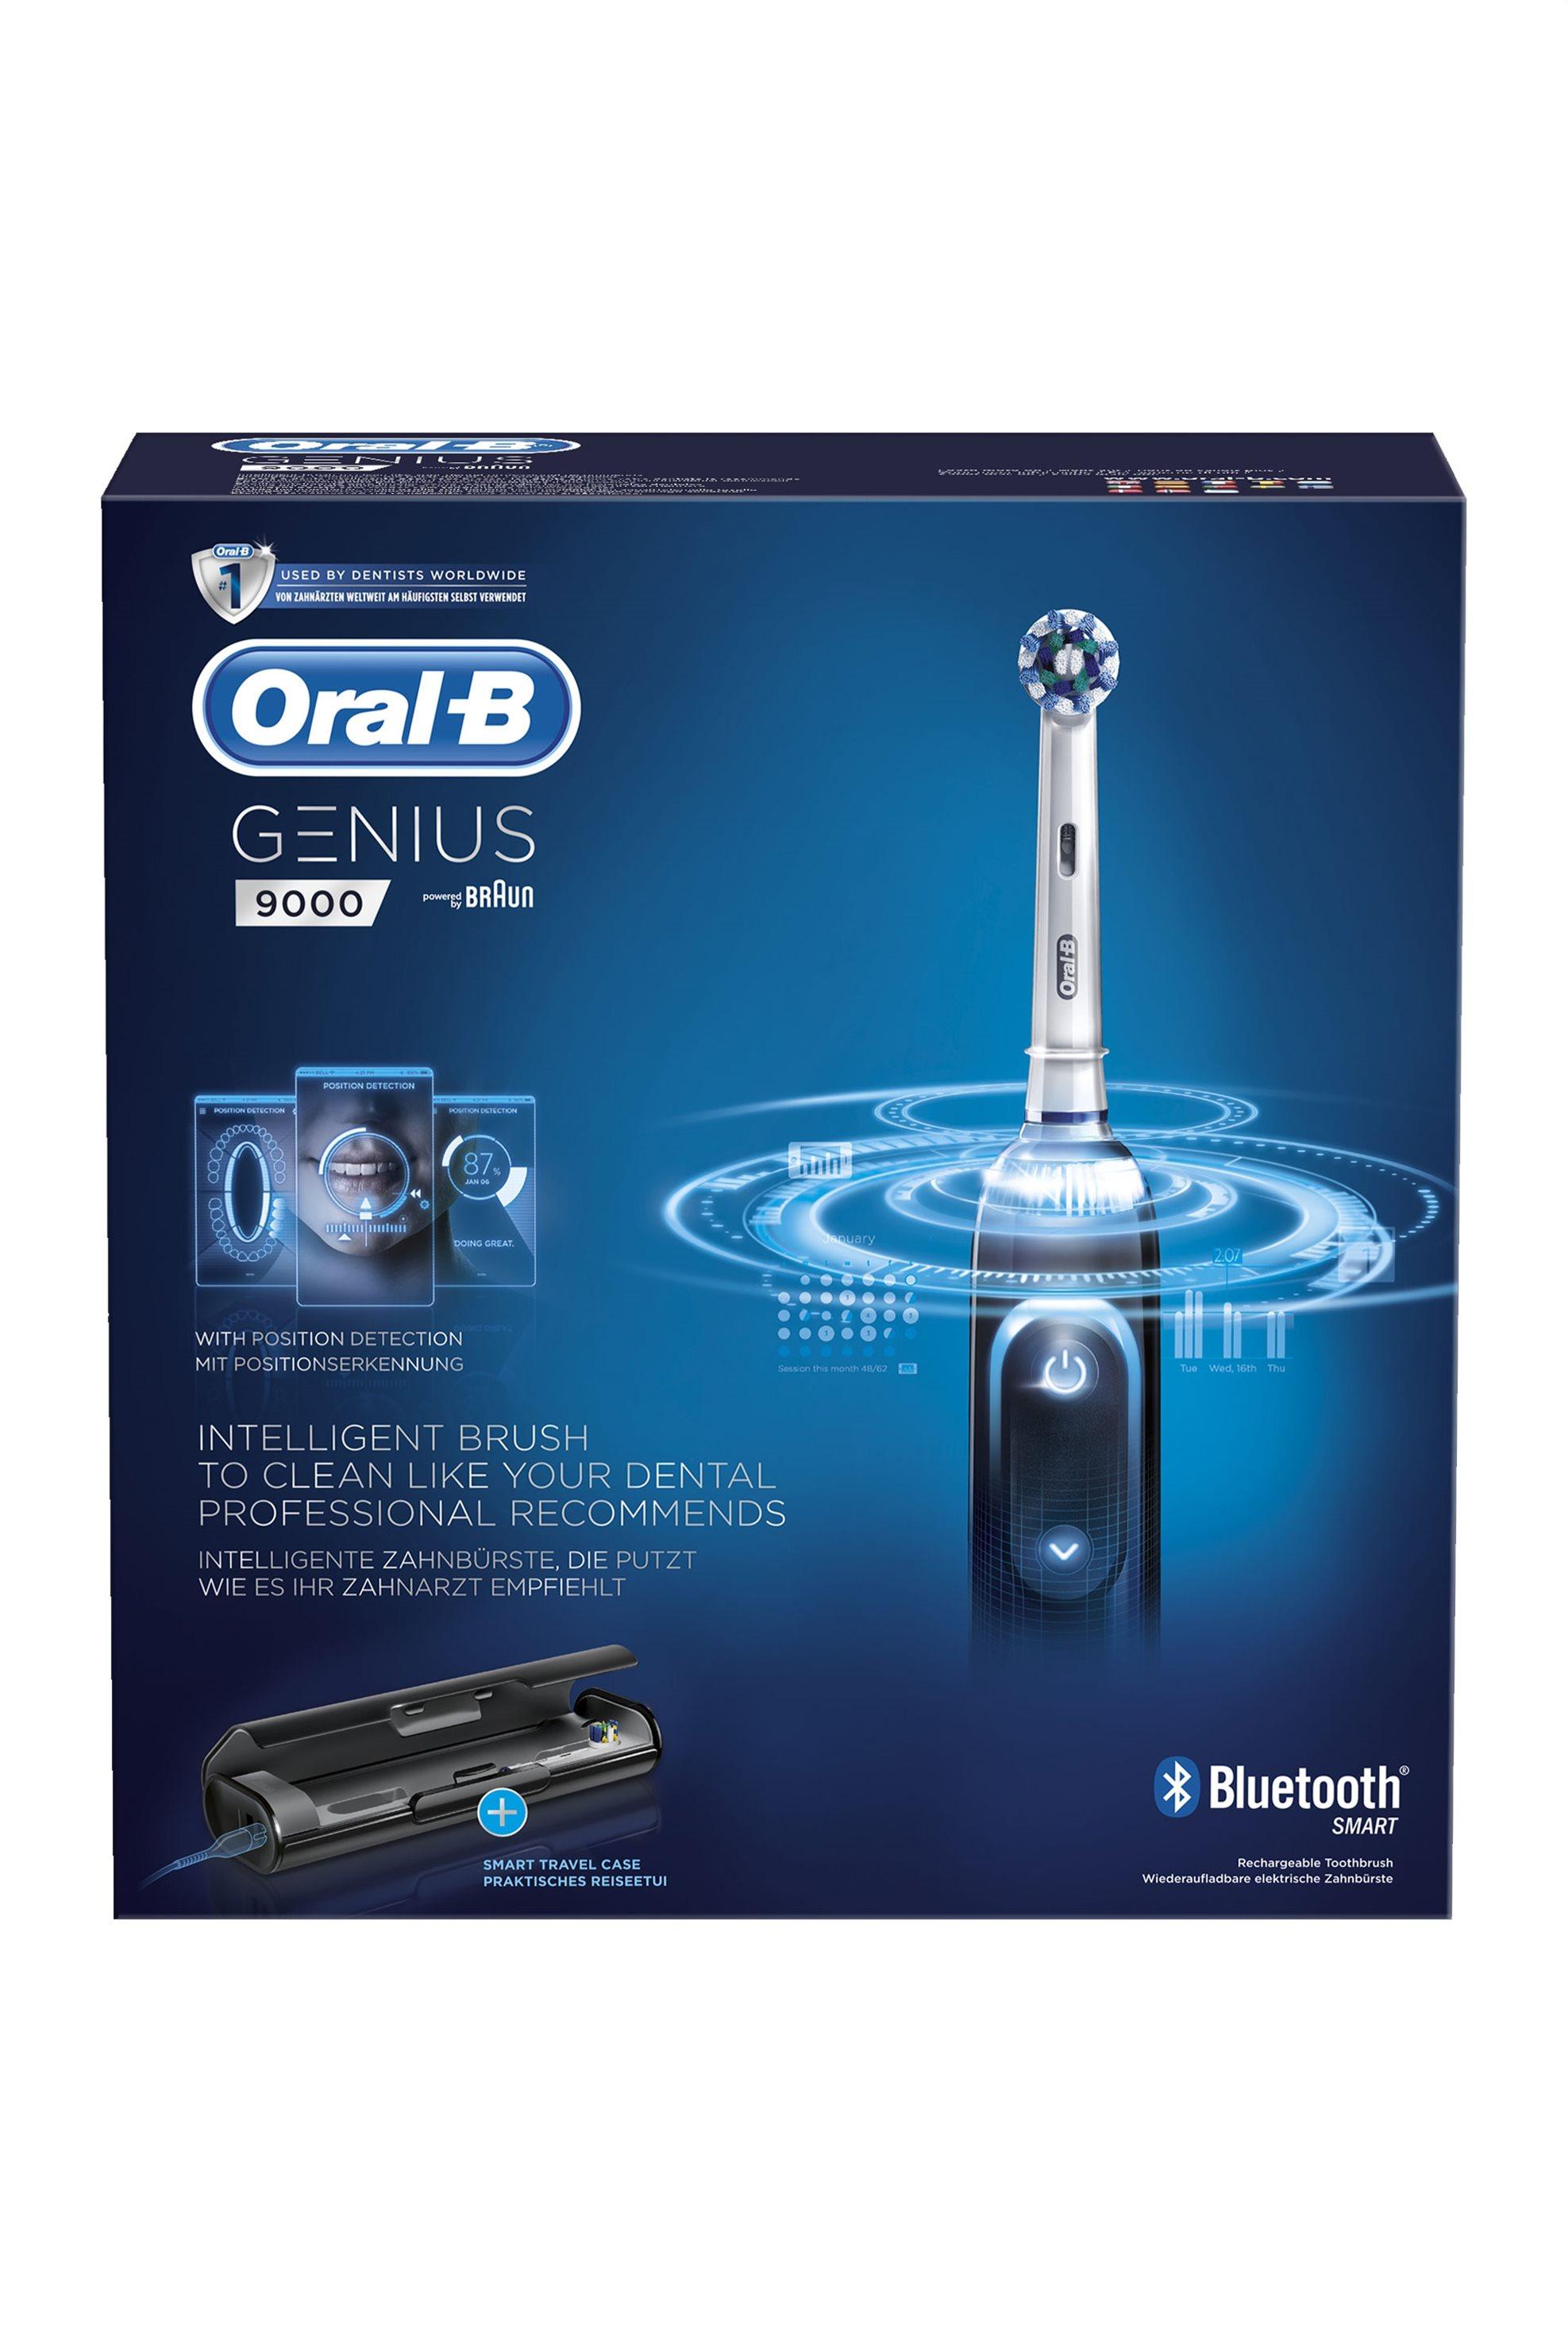 Ηλεκτρική Οδοντόβουρτσα Oral B Braun Genius 9000 Box - PRO9000 home   συσκευεσ περιποιησησ   ηλεκτρικές οδοντόβουρτσες